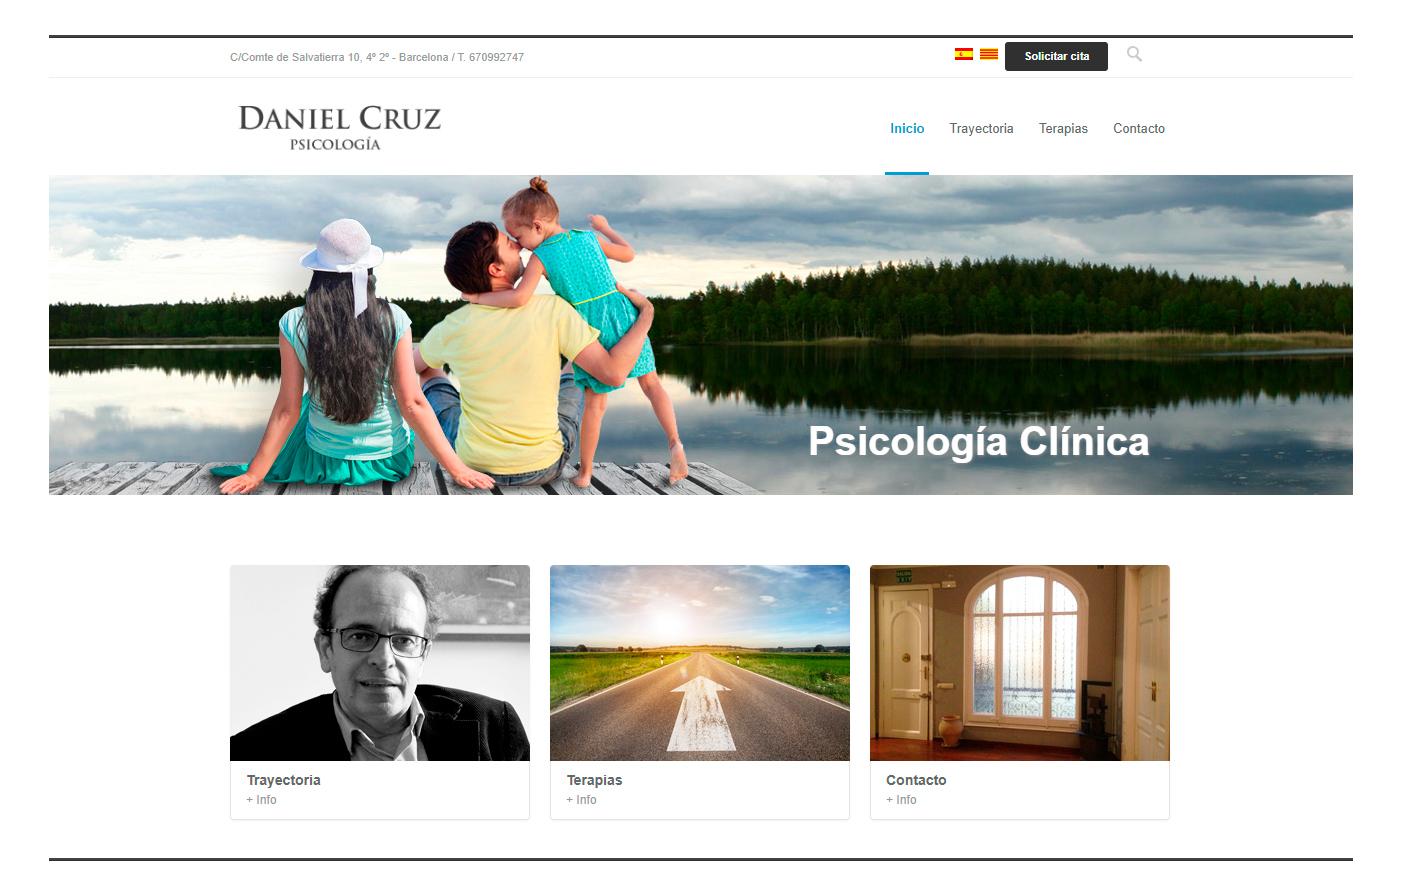 Daniel Cruz Psicología - Estrategia digital